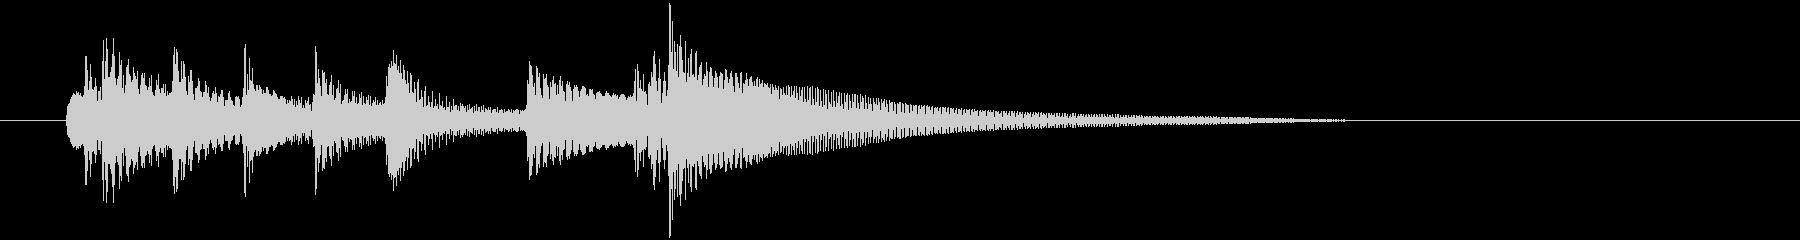 ナイロンギターの短いジングルの未再生の波形